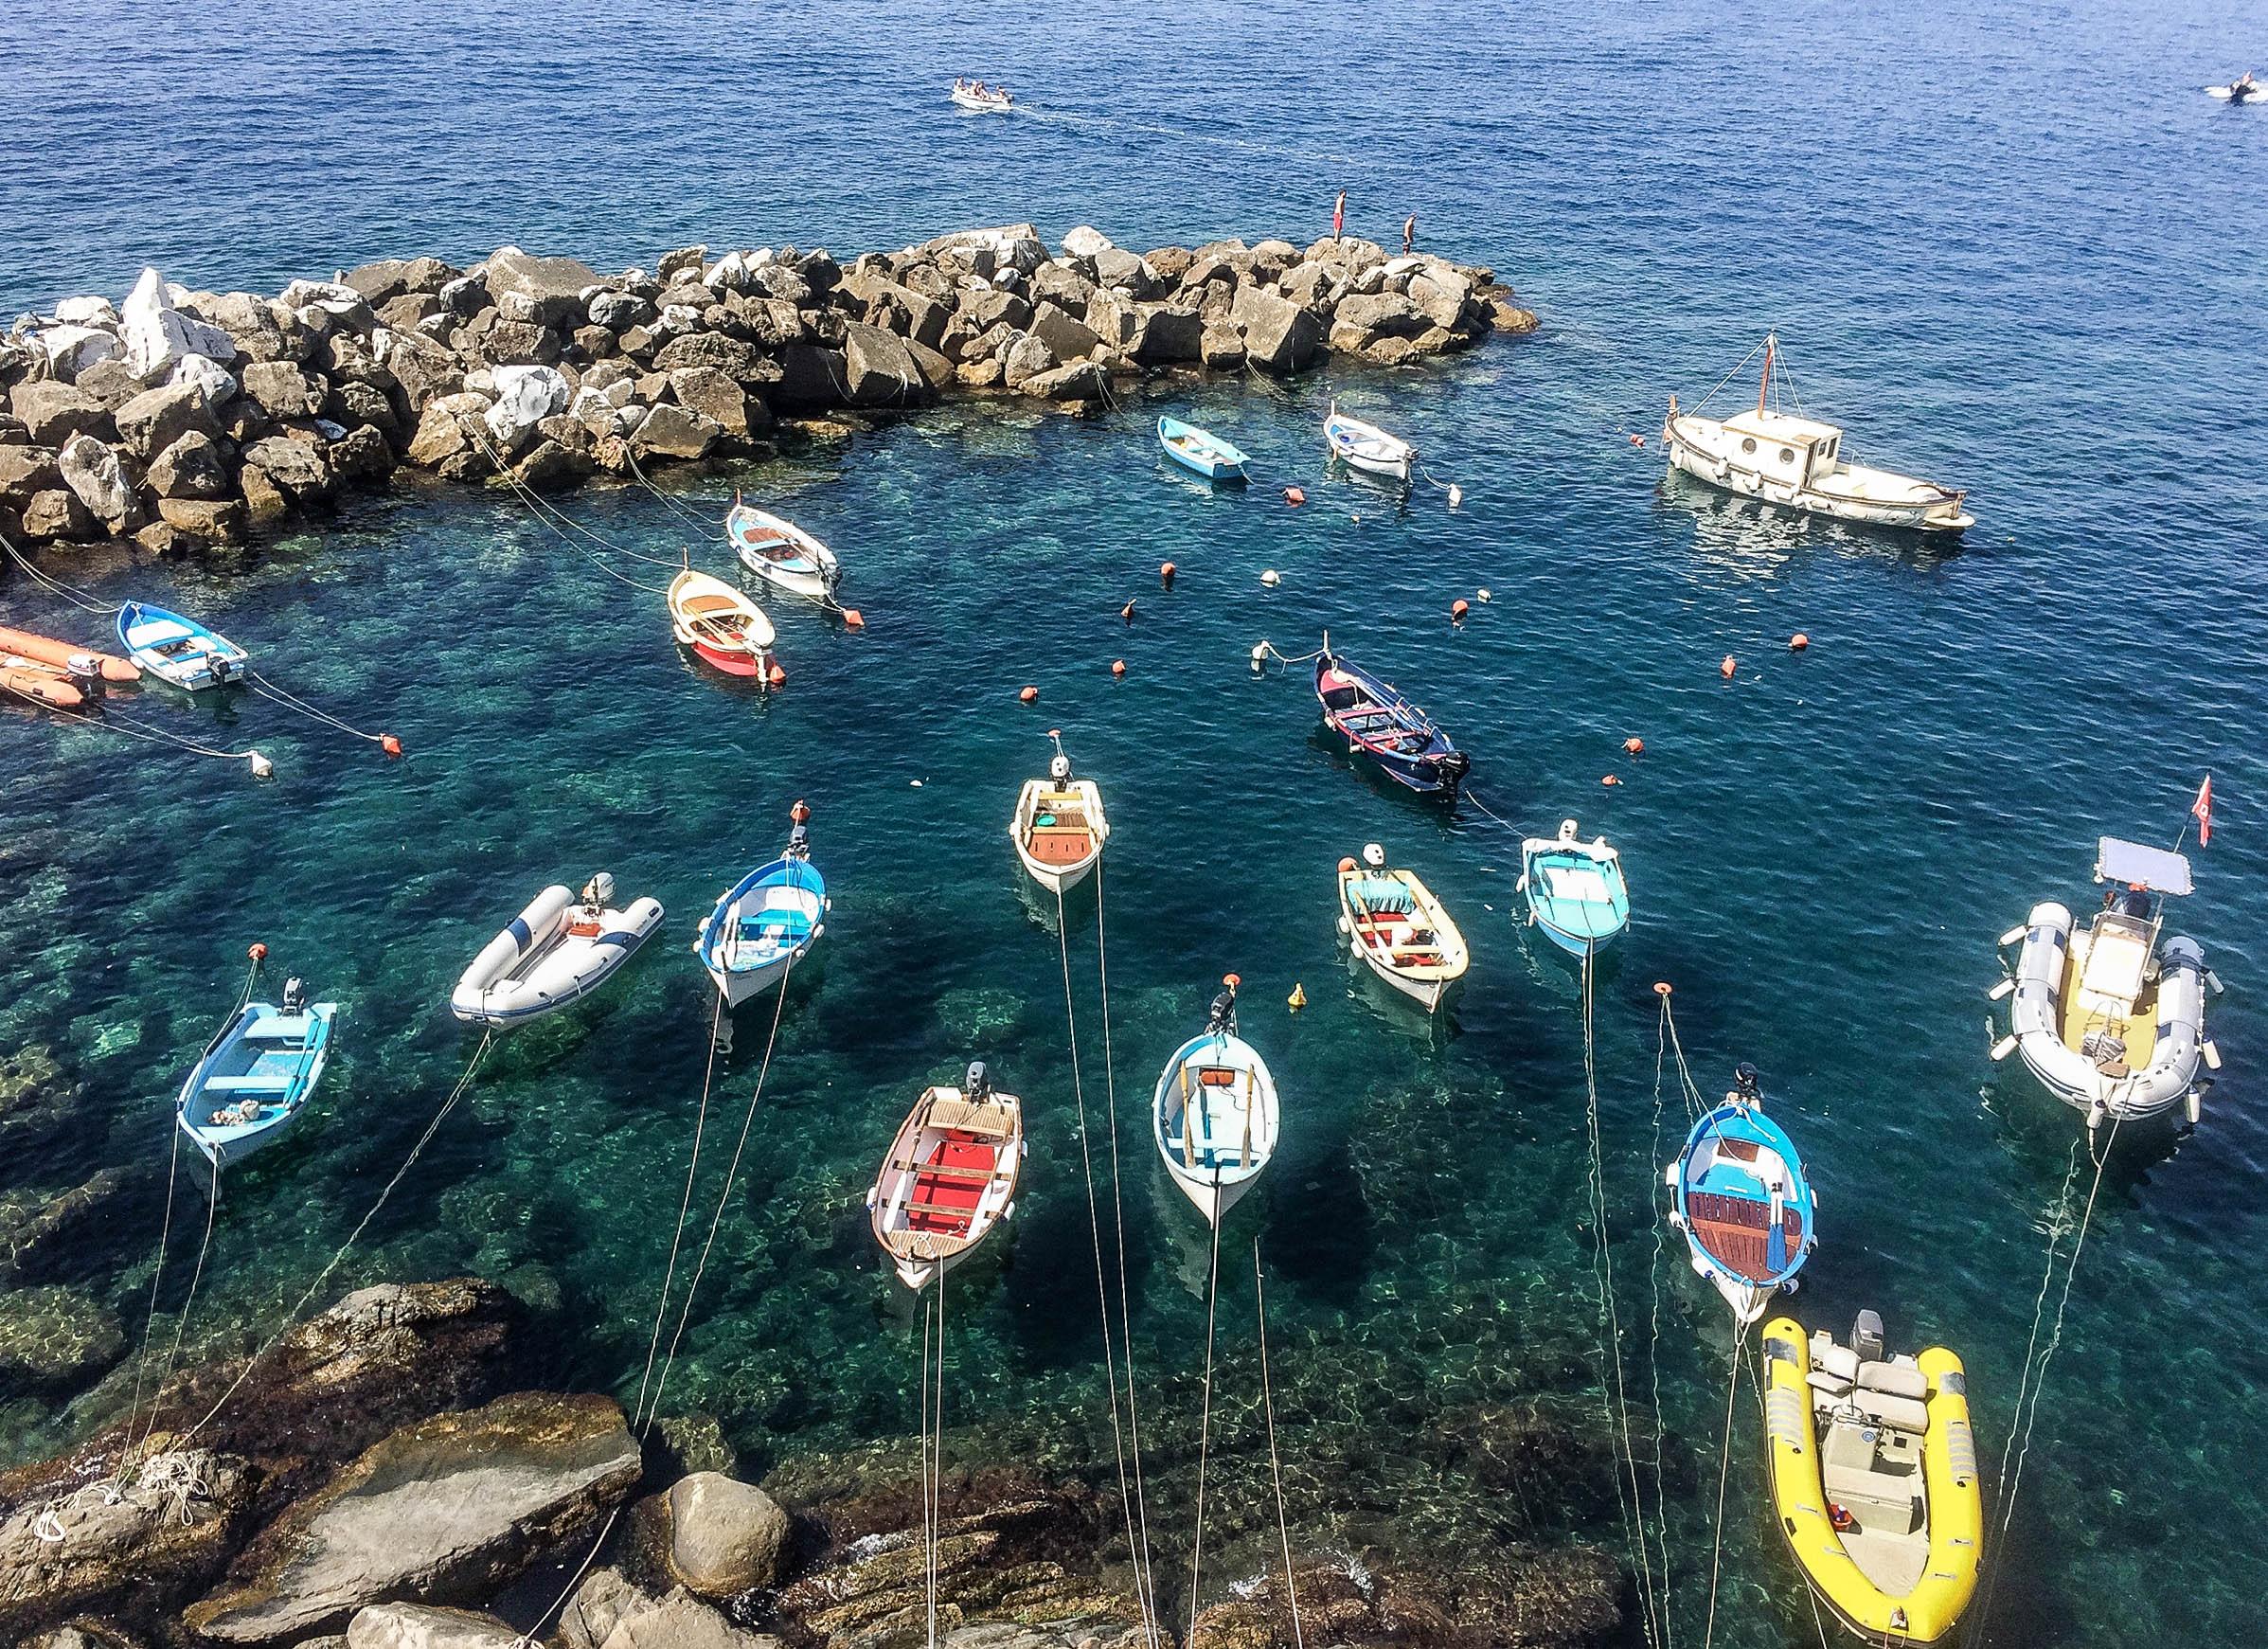 Rio Boats.jpg